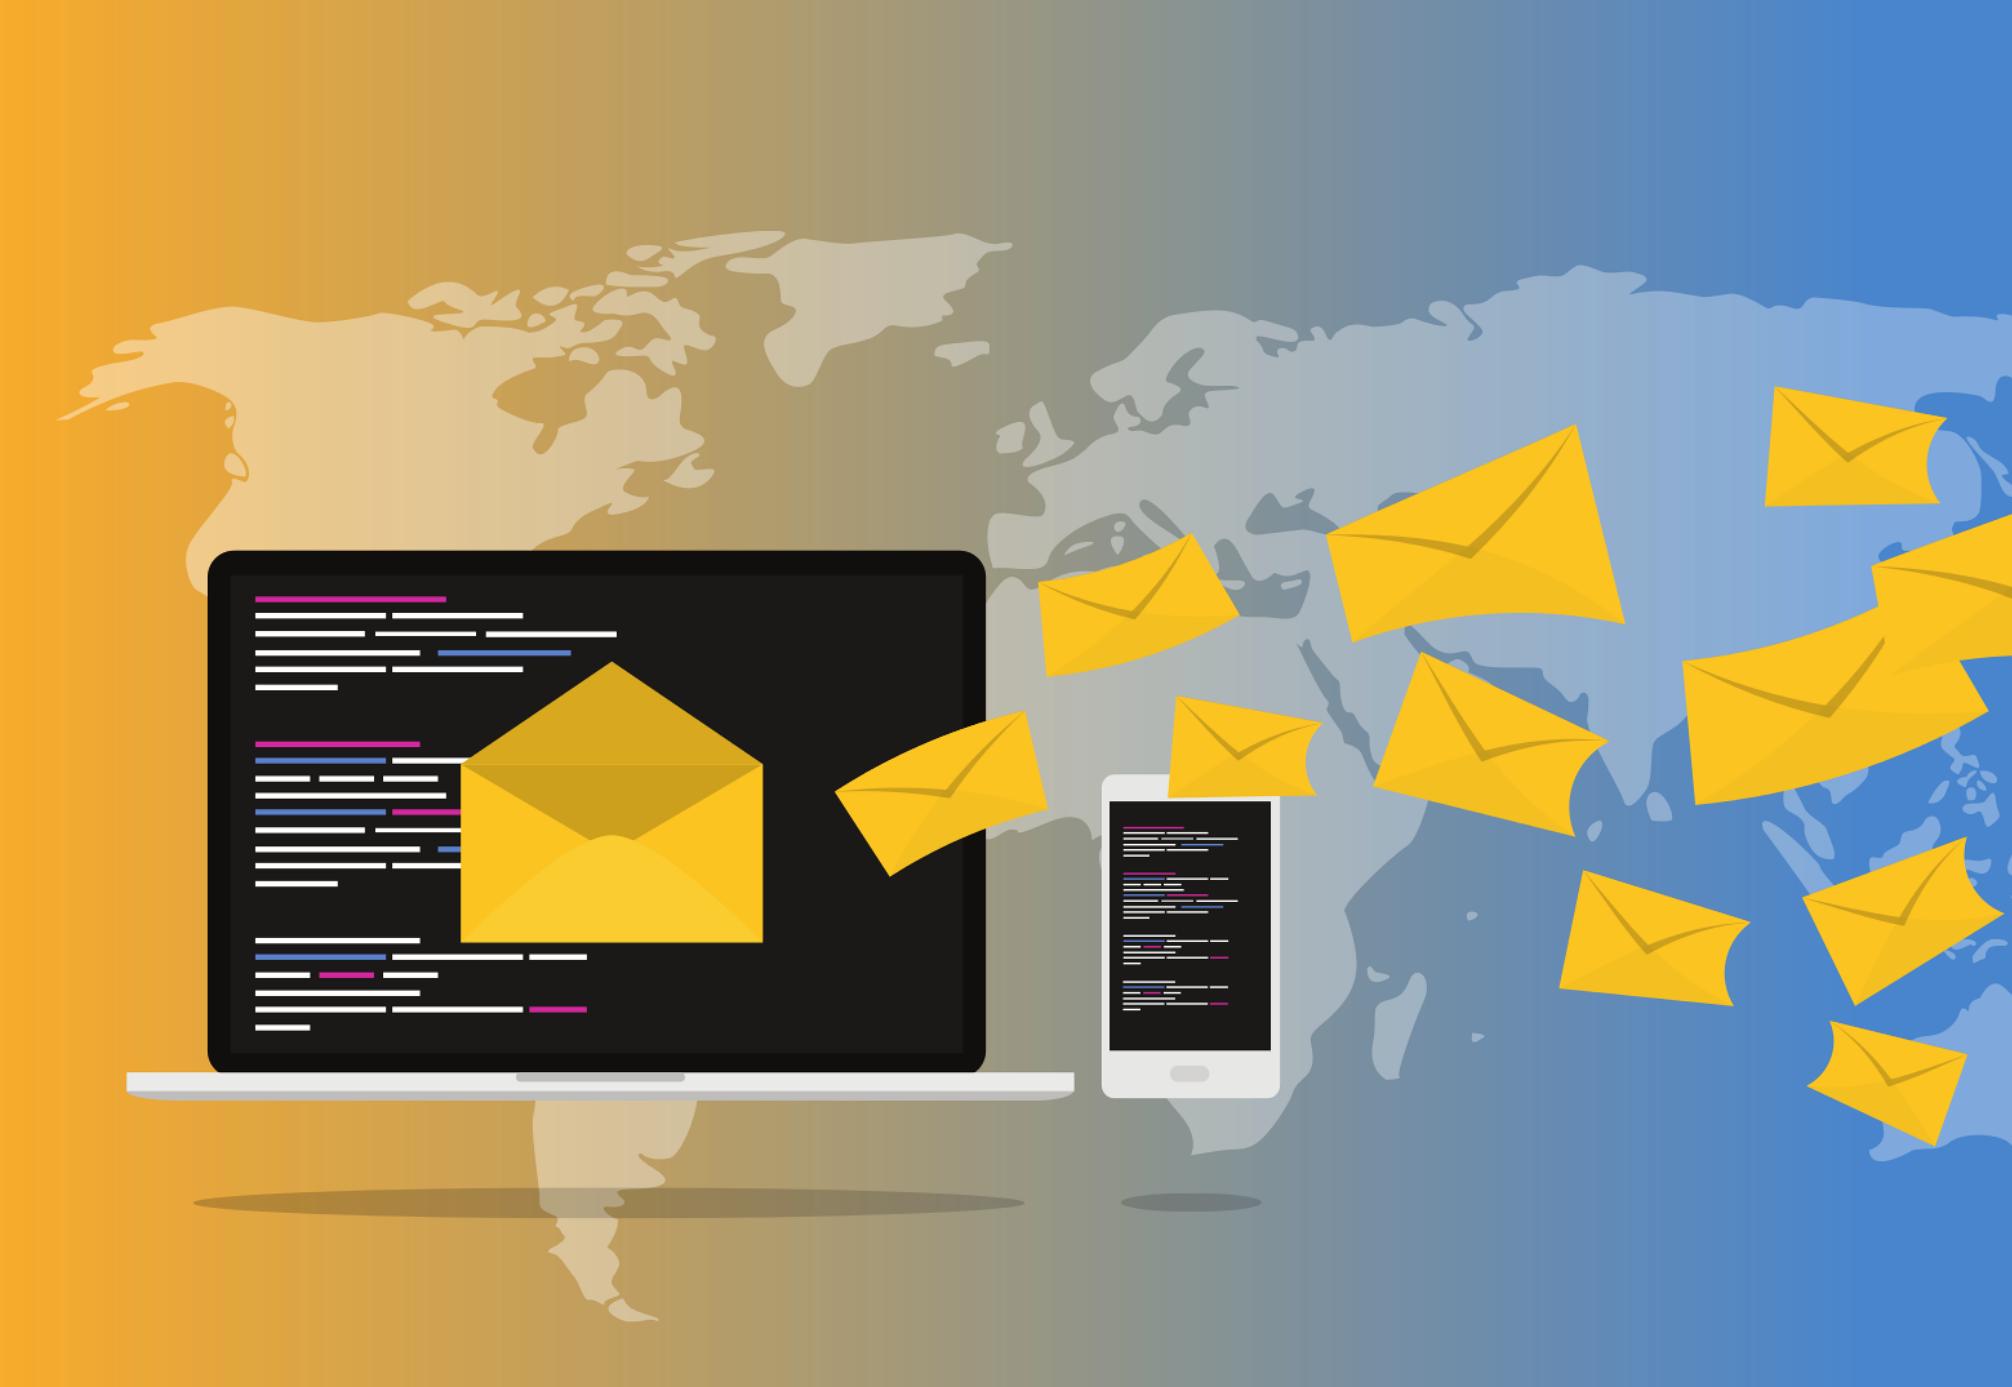 Tausende E-Mails erreichen Ihr Unternehmen täglich. Welche davon sind sichere E-Mails?